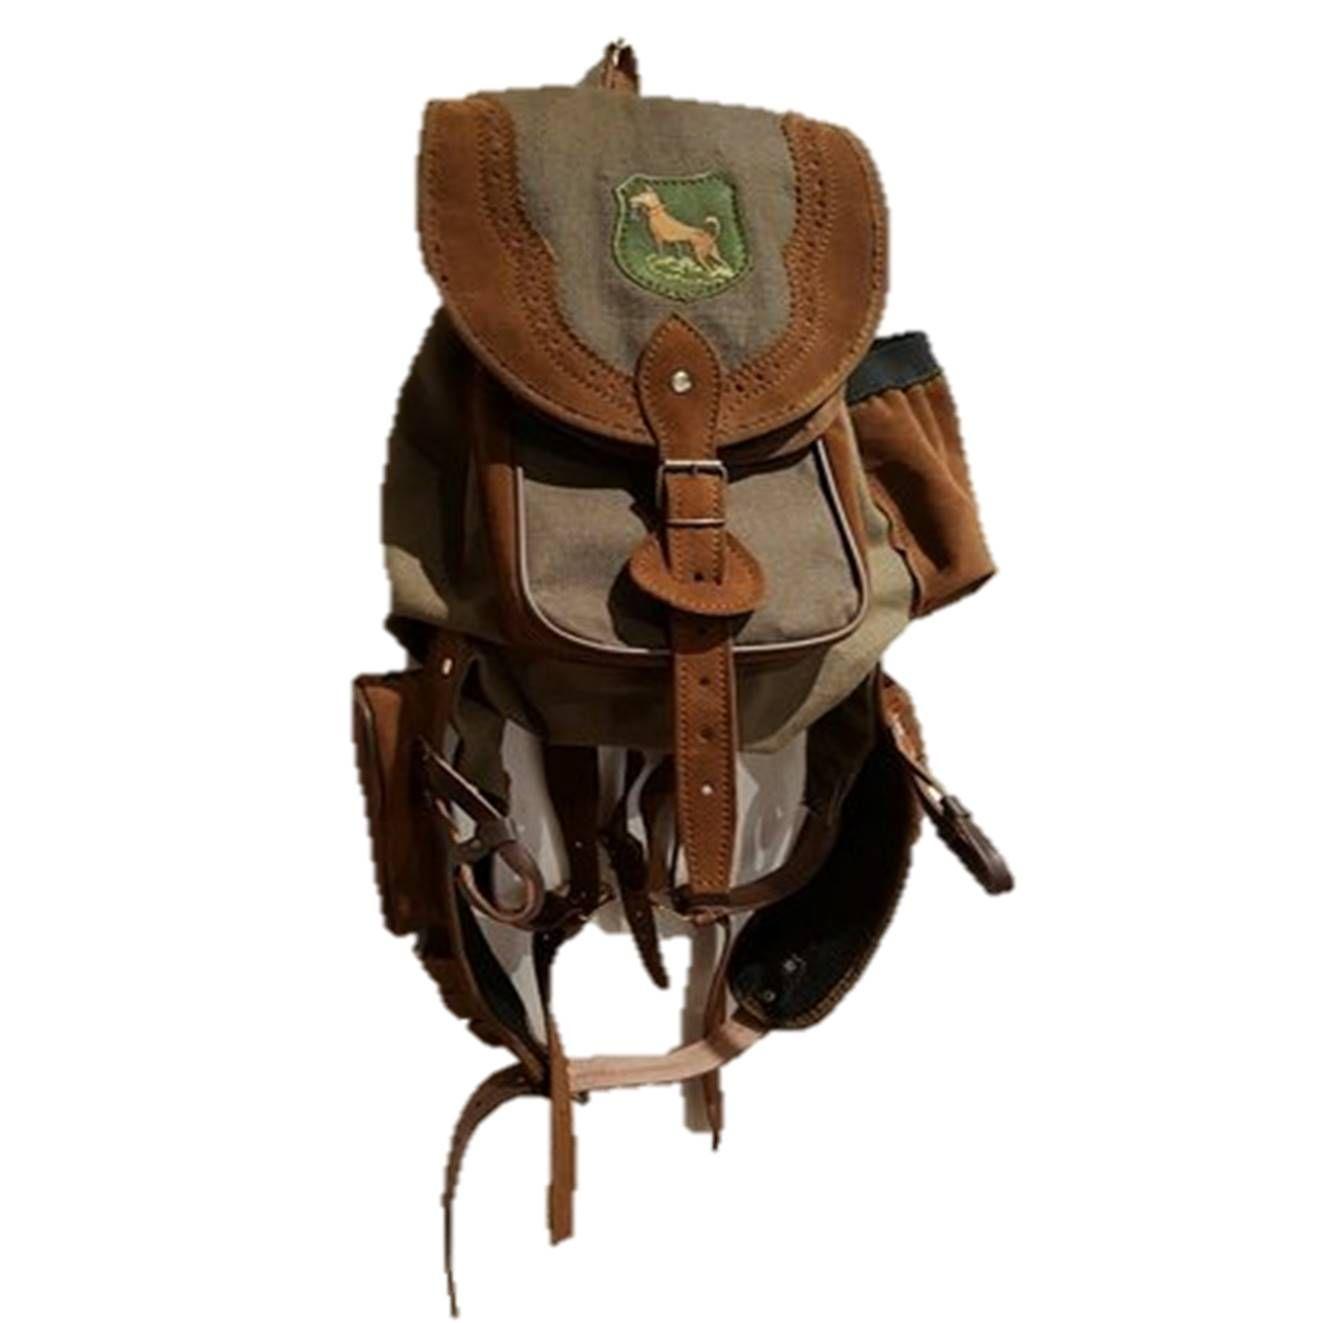 Mochila de caza con canana, botellero y colgador: Tienda online de Artículos de Caza